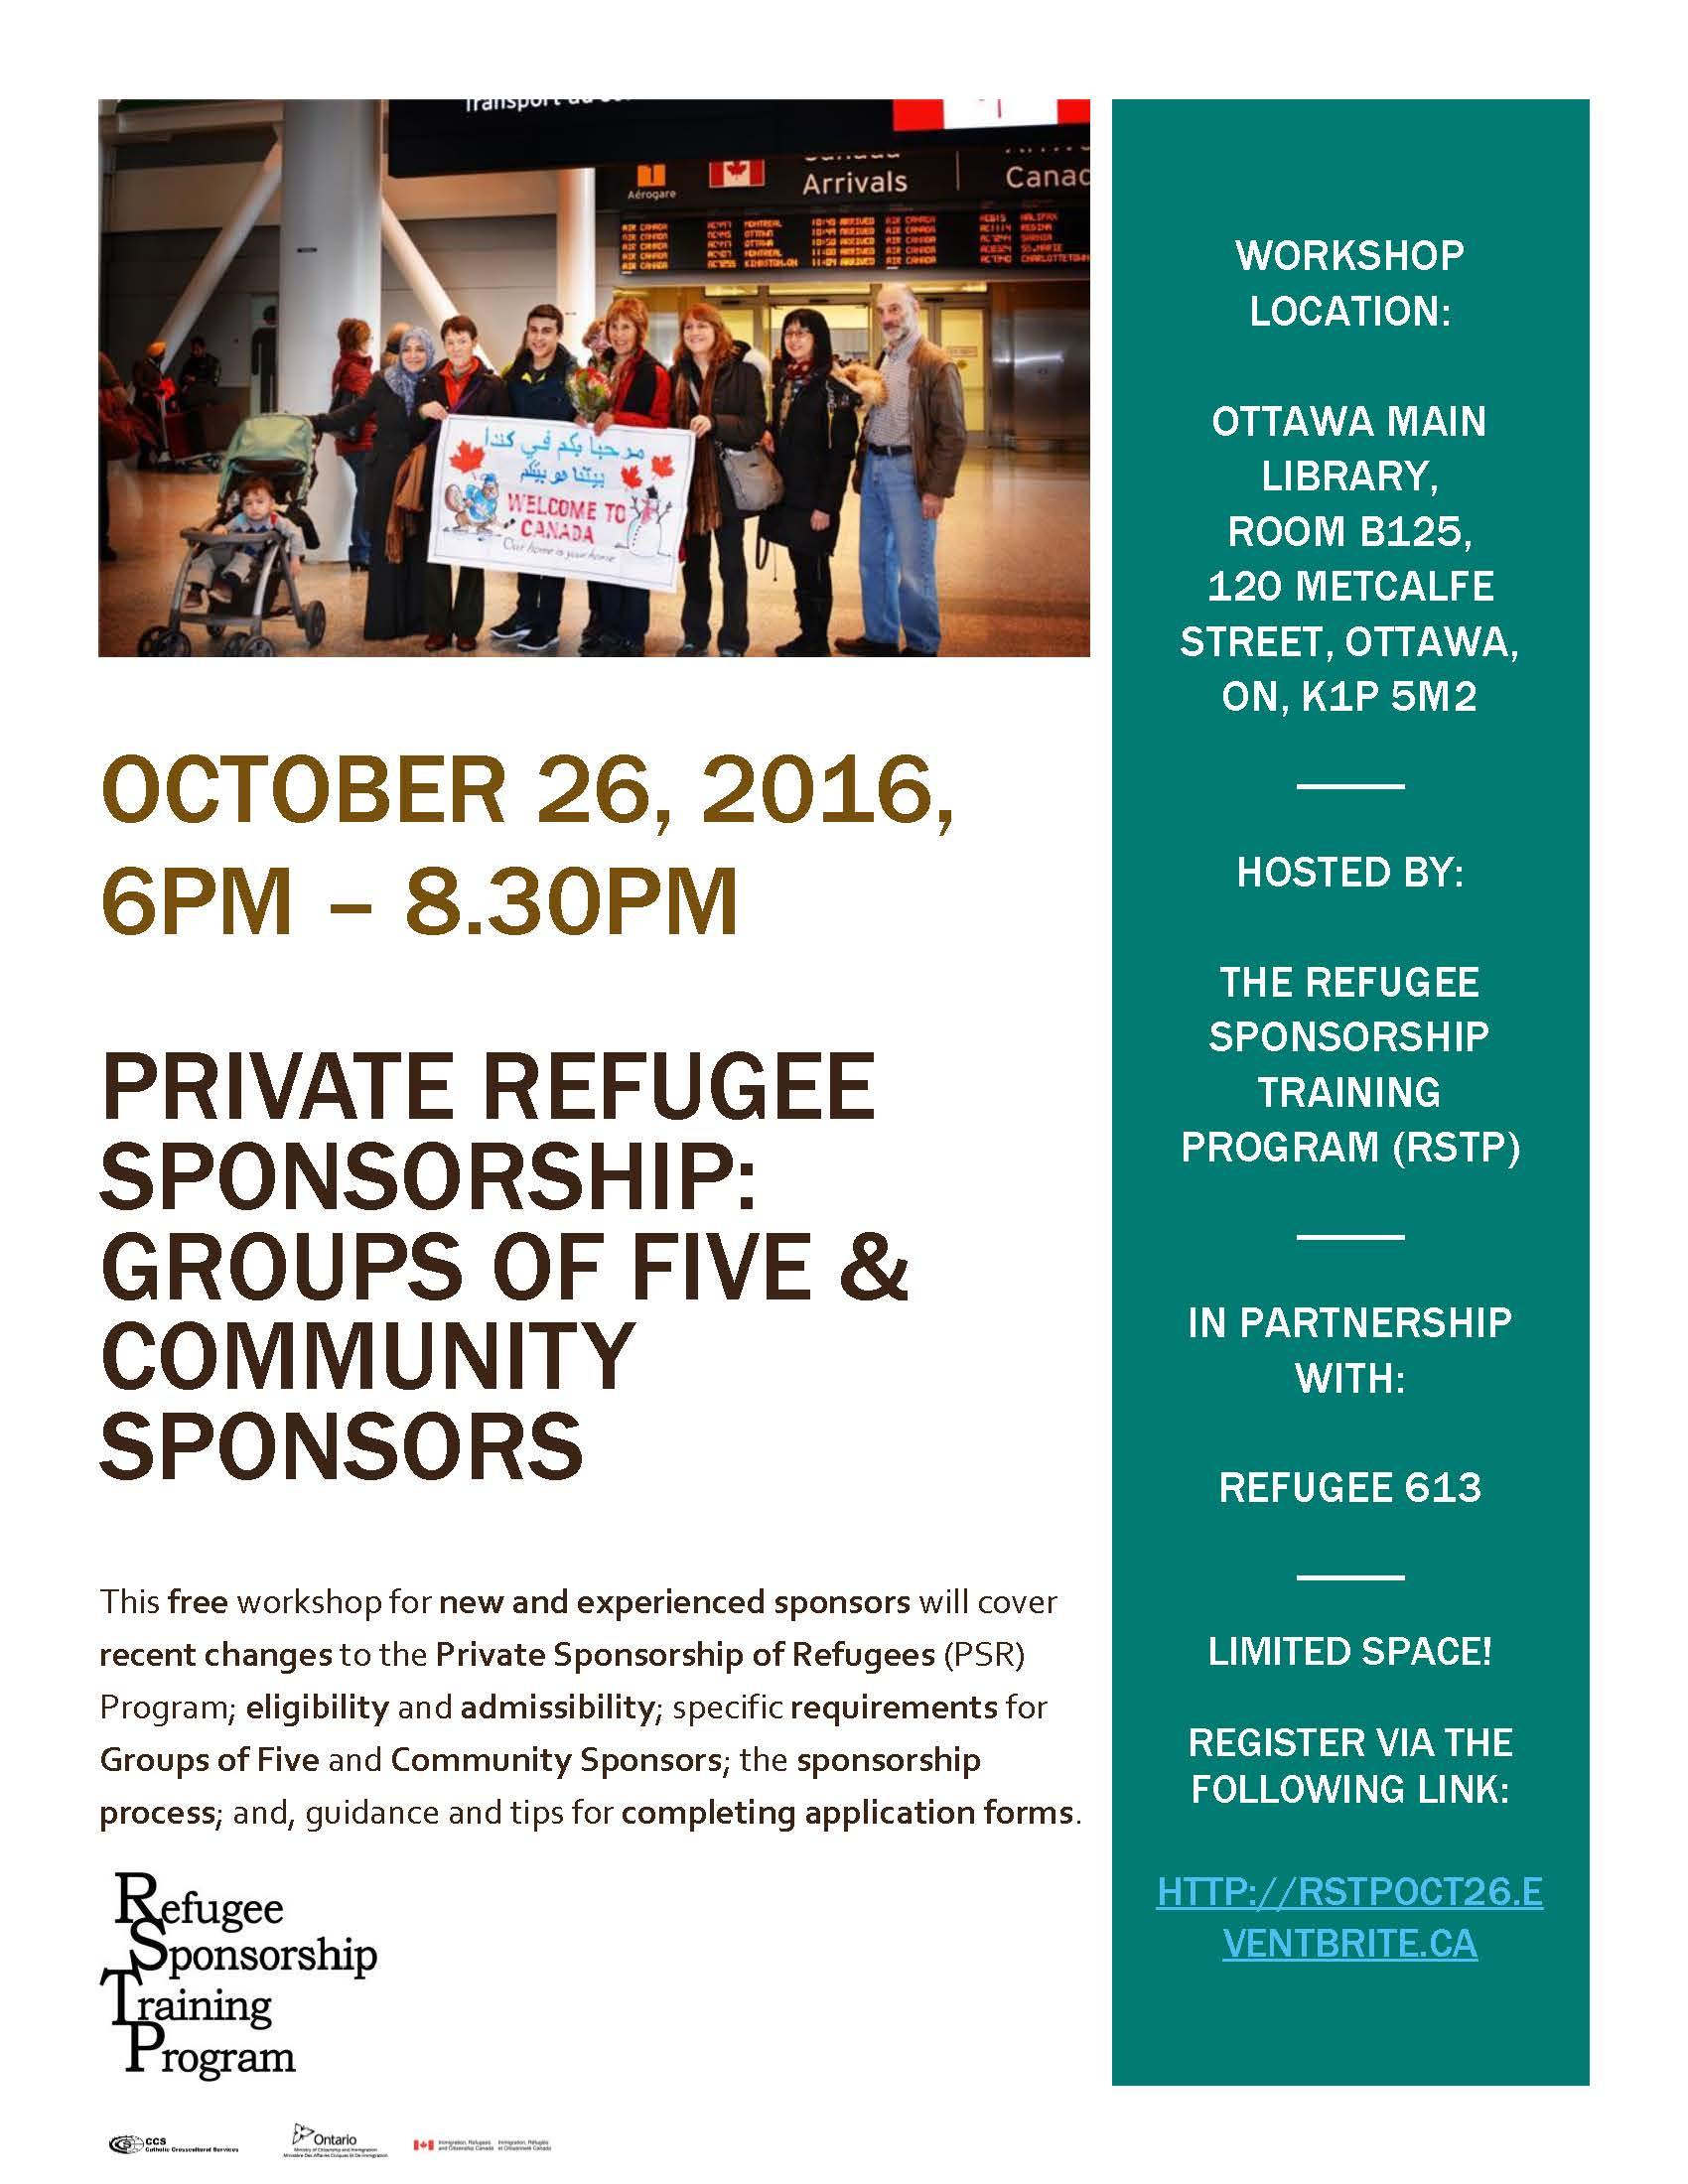 PRS - G5 & CS - October 26 2016